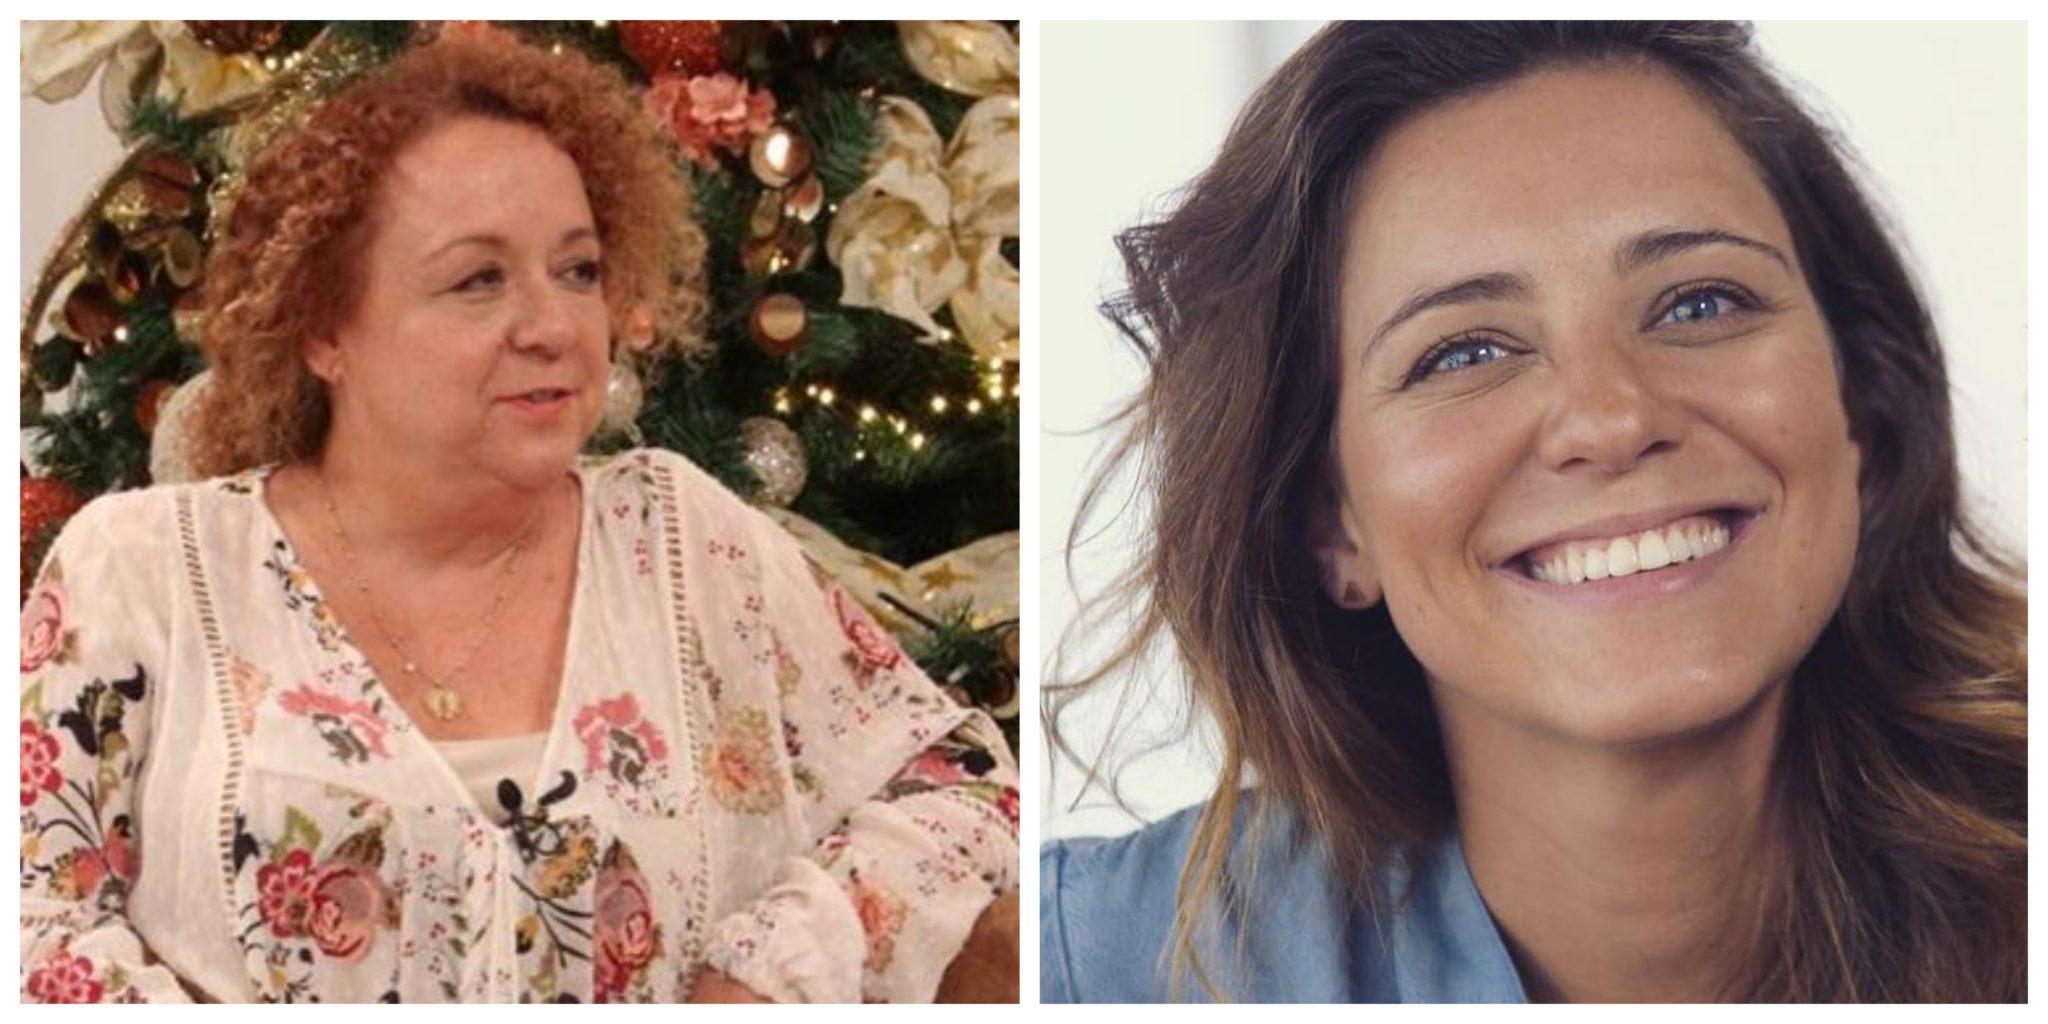 Alexandrasolnado E Joanasolnado Scaled Joana Solnado Surpreende A Mãe Em Direto: &Quot;Mulher Que Me Inspira Todos Os Dias&Quot;